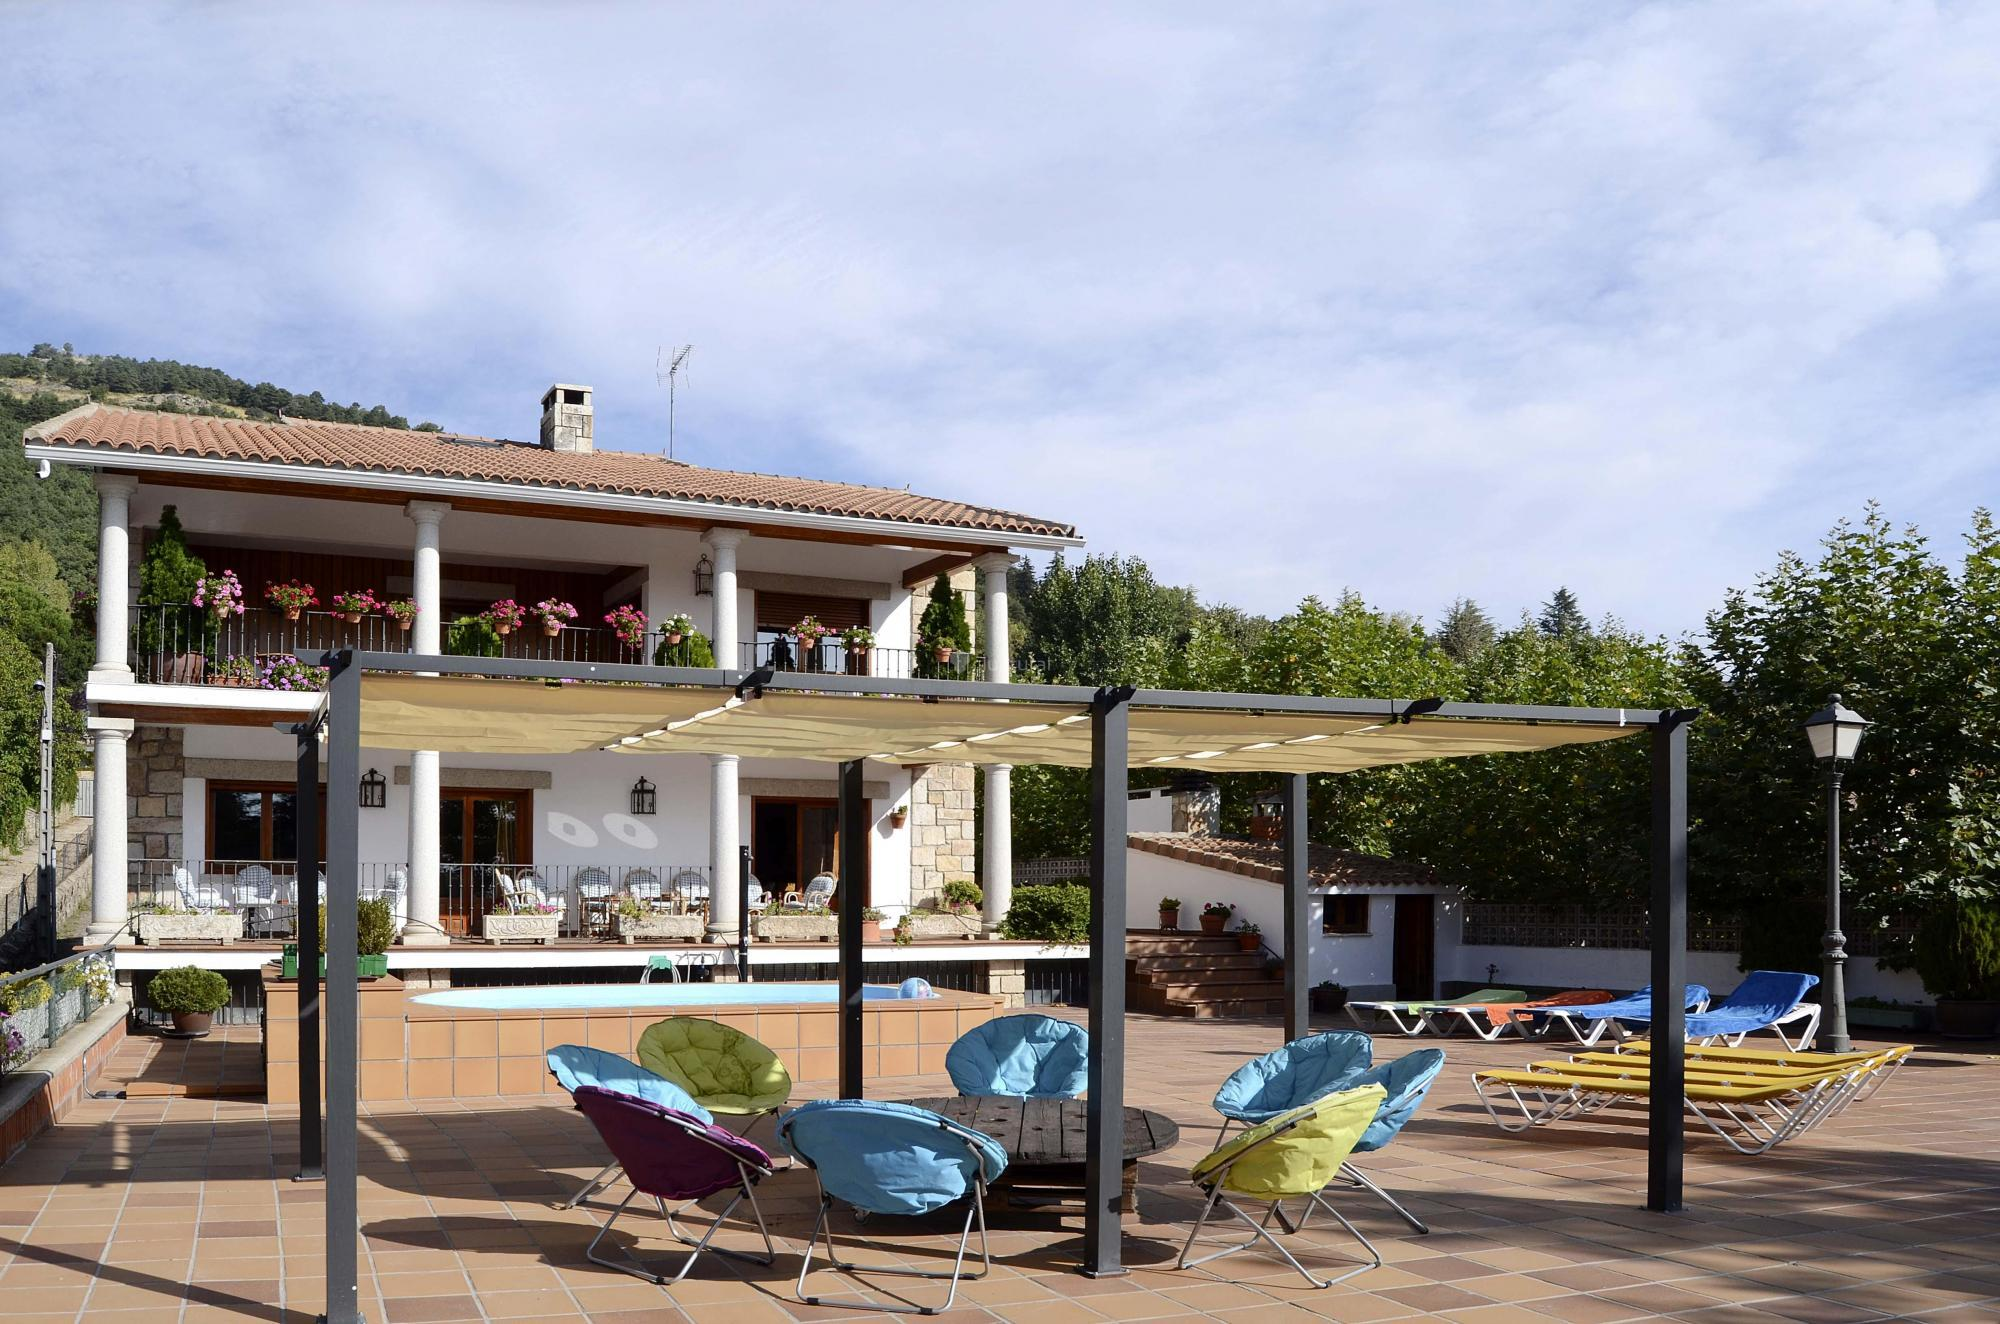 Fotos de la herr n madrid miraflores de la sierra for Casas de alquiler en la sierra de madrid